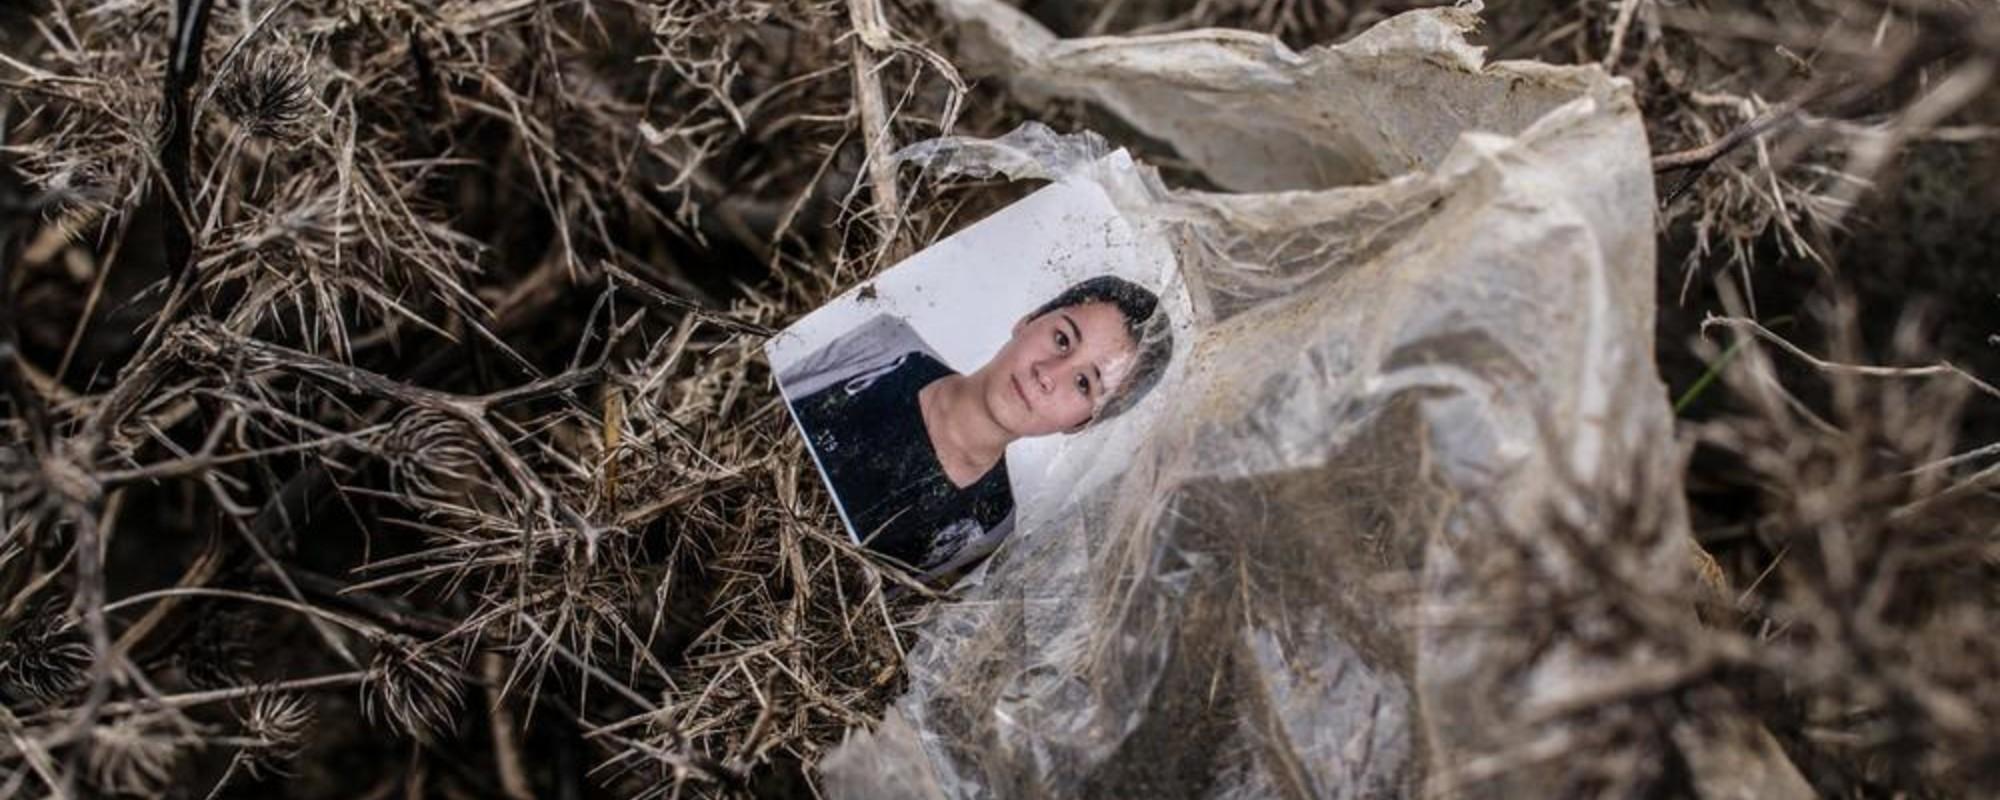 Fotografii cu lucrurile lăsate în urmă de refugiații care și-au părăsit casele pentru totdeauna